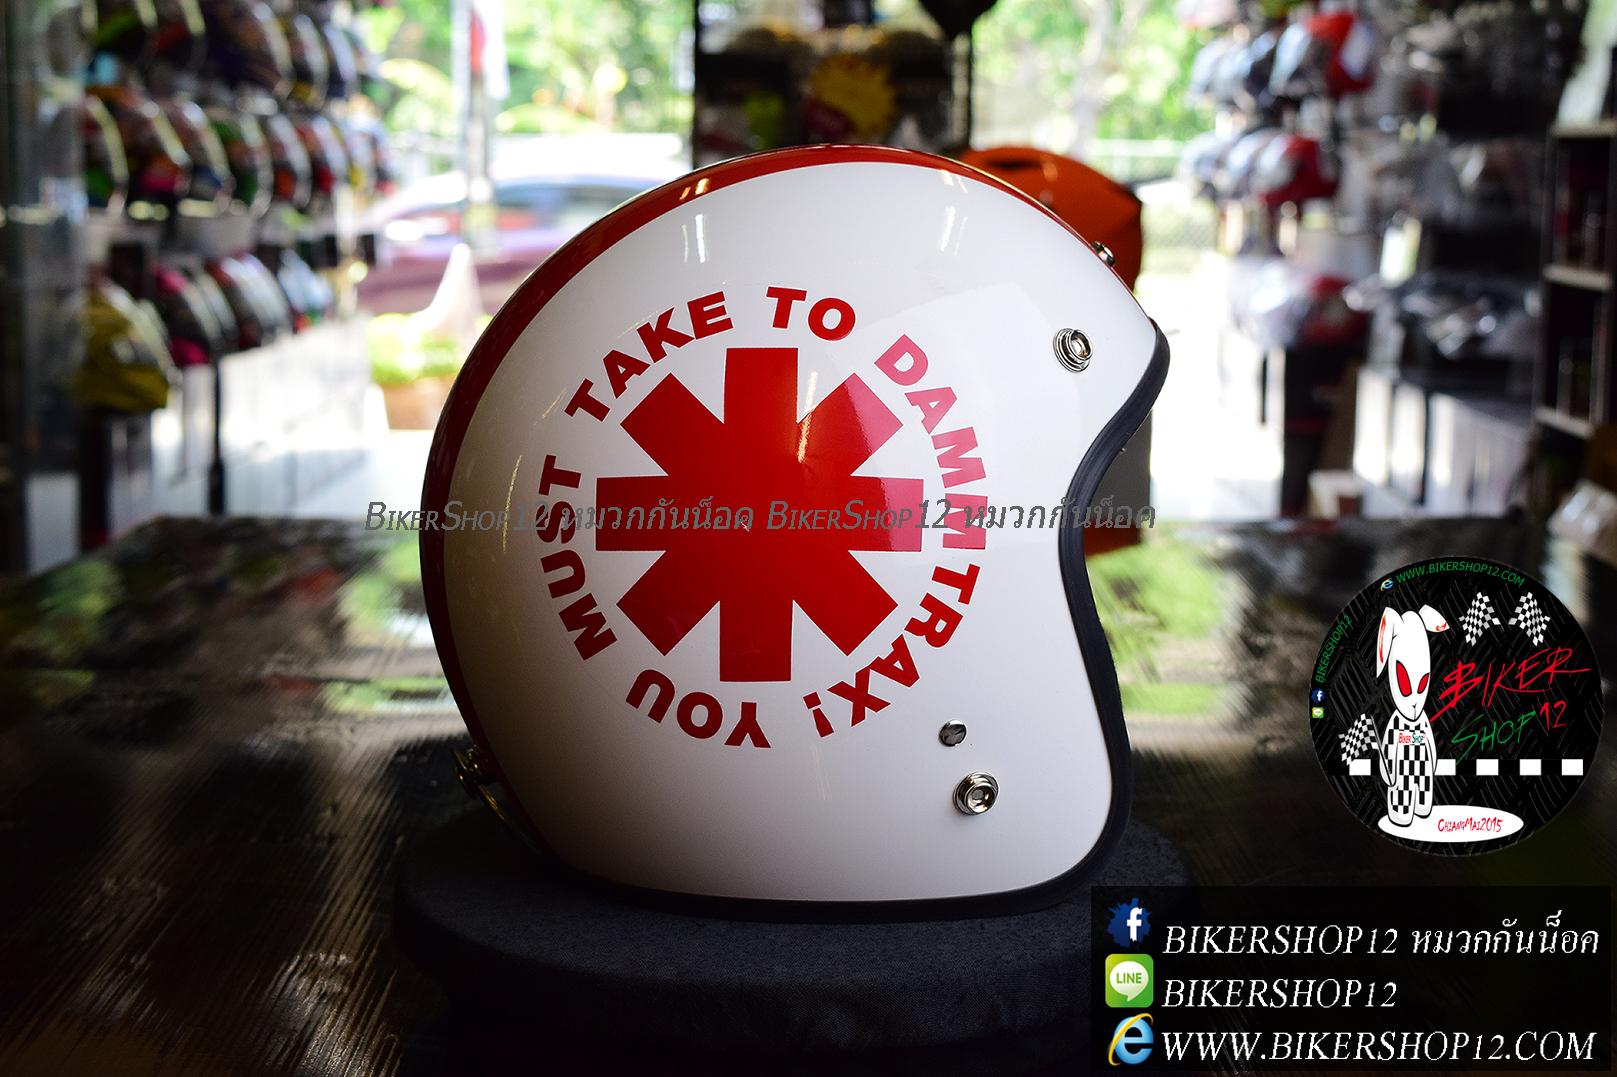 หมวกกันน็อคคลาสสิก 5เป๊ก สีขาวลายแดง (LB Speed Wheel)